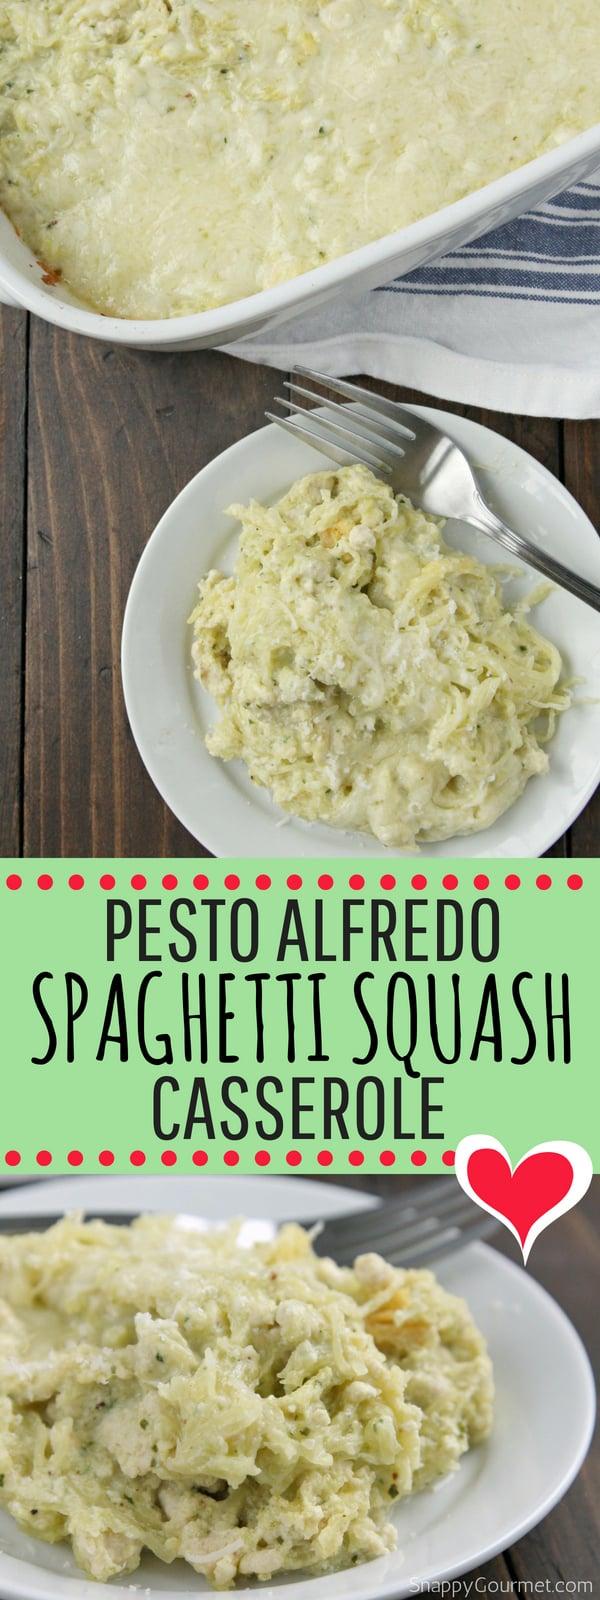 Pesto Alfredo Spaghetti Squash Casserole recipe - low carb casserole with alfredo sauce, basil pesto, and spaghetti squash